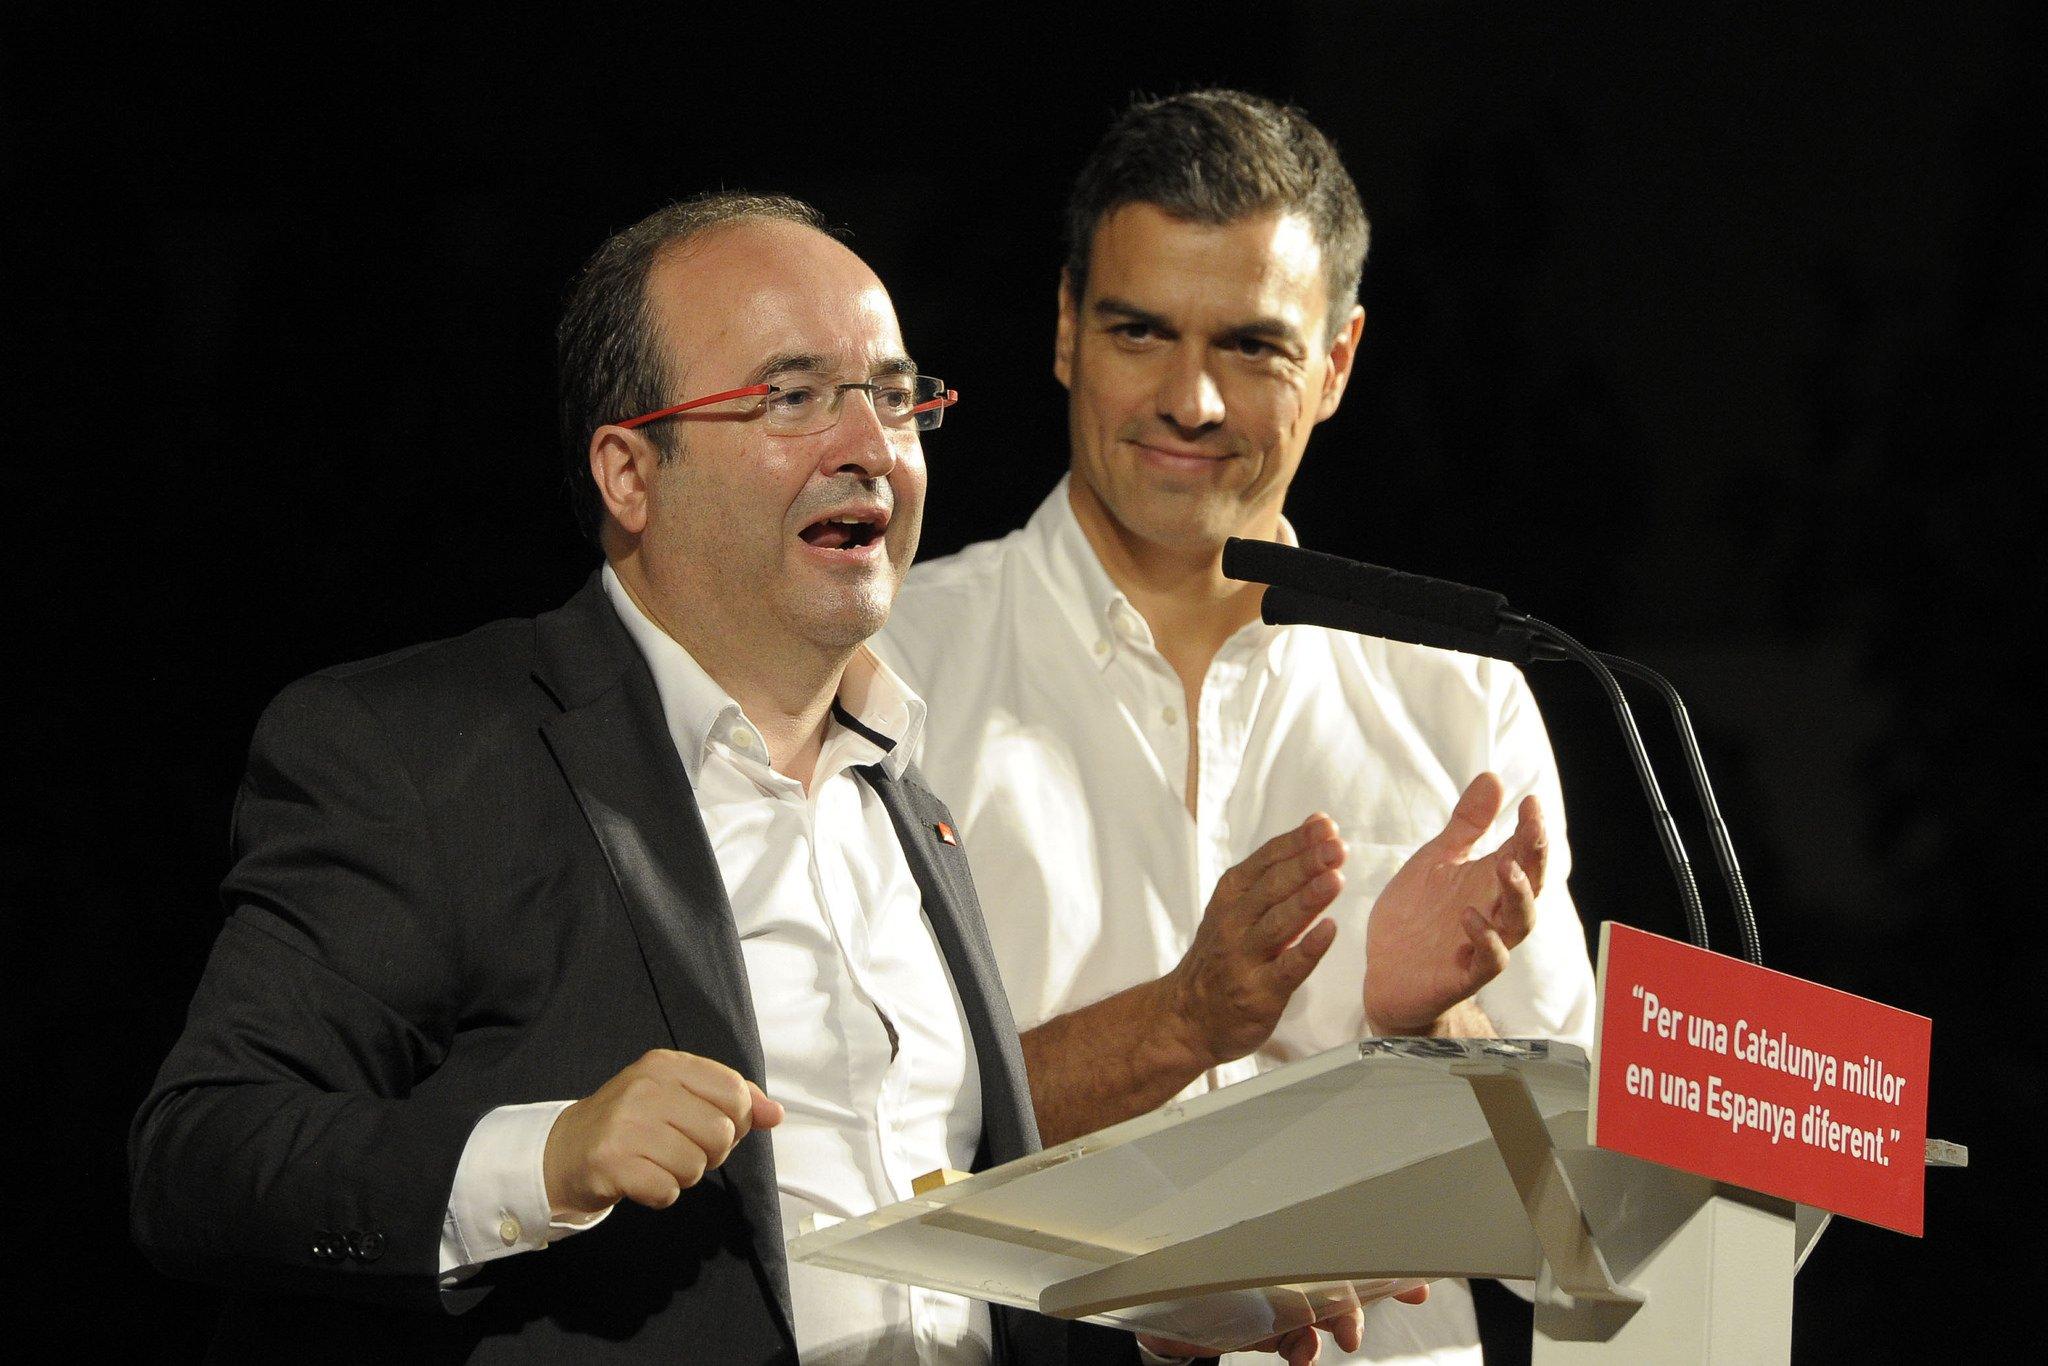 Miquel Iceta y Pedro Sánchez parecen no coincidir en cuanto a la unidad de España